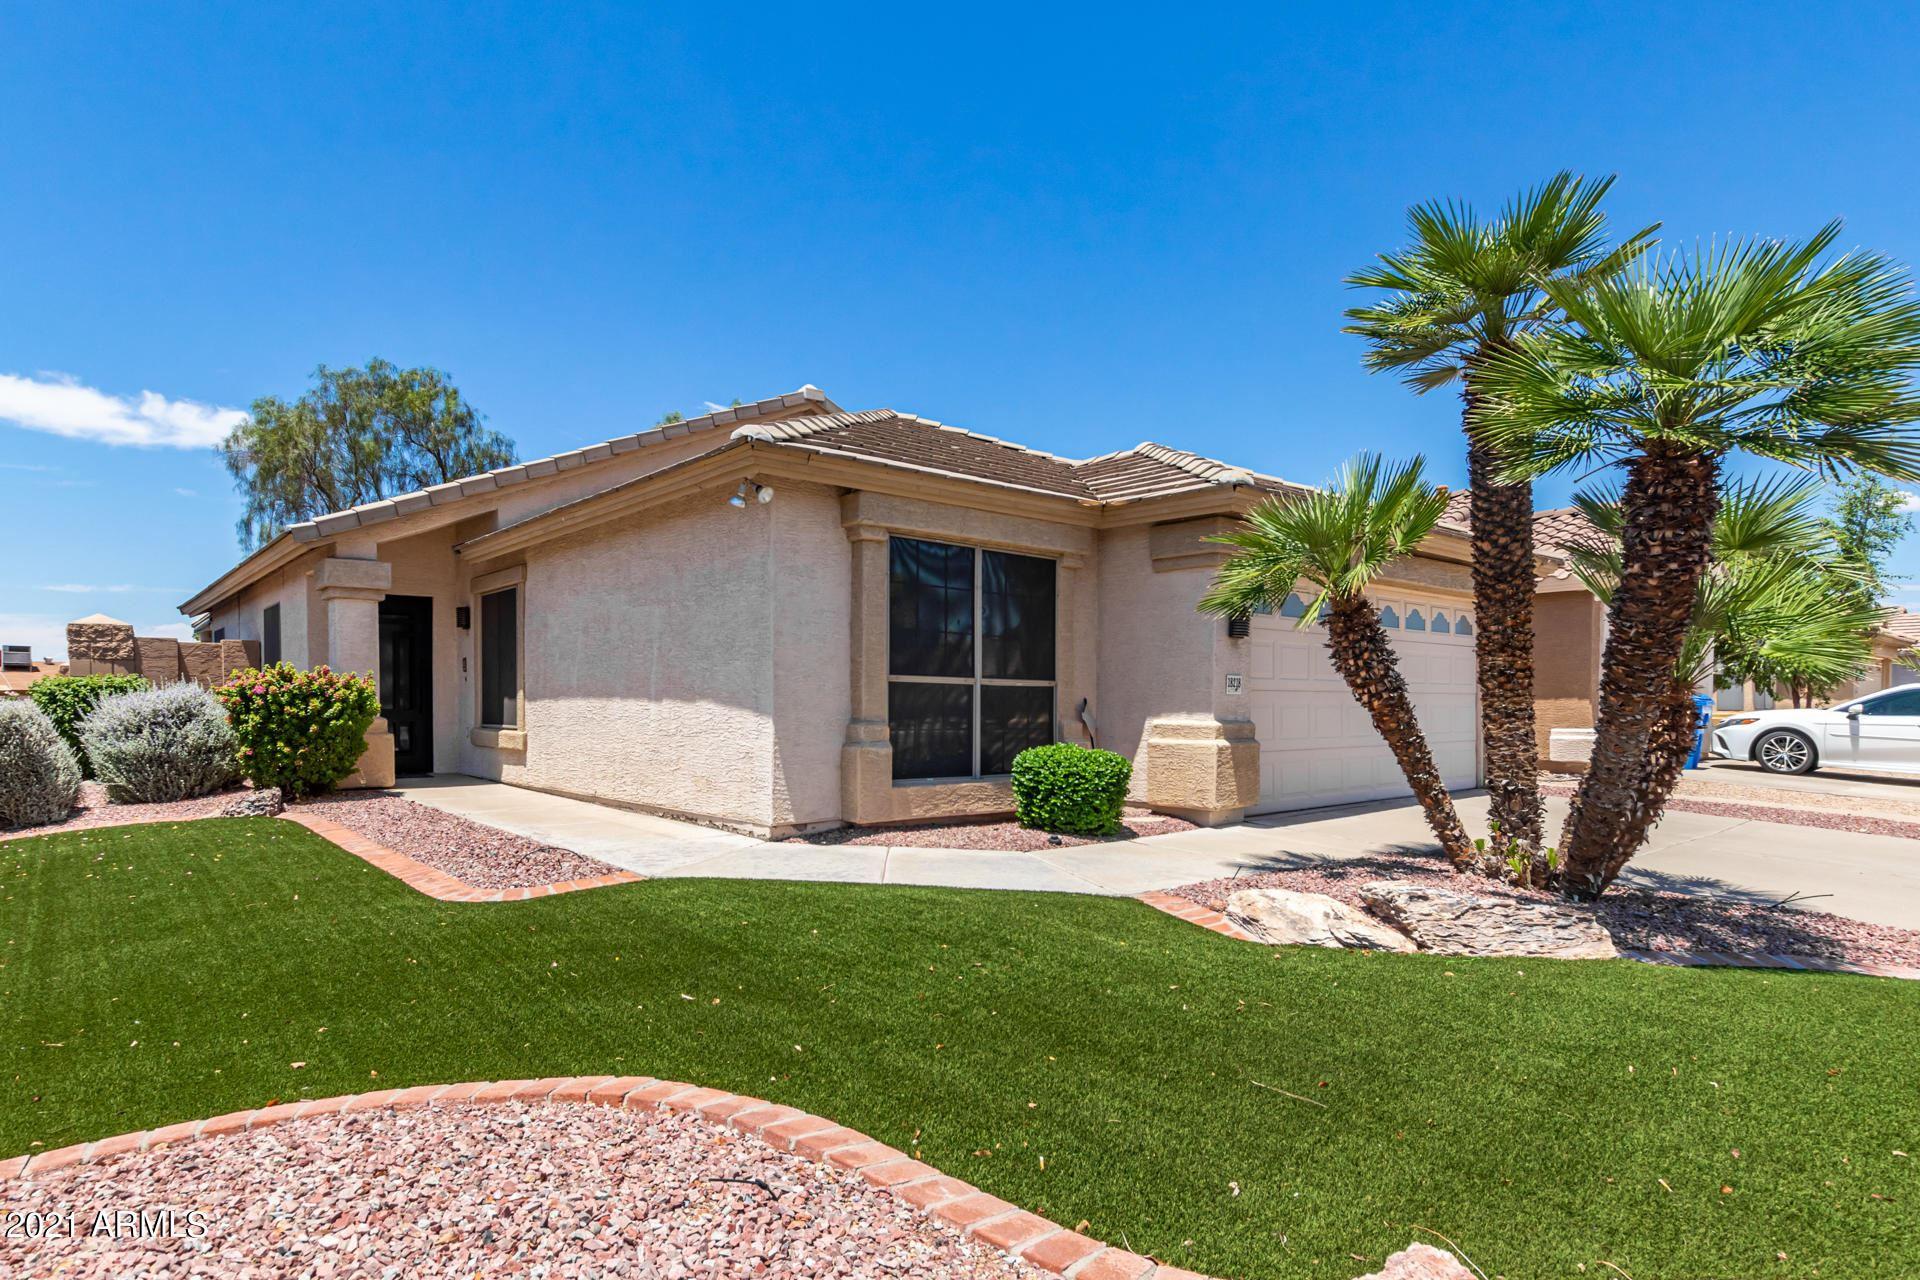 18218 N 6TH Drive, Phoenix, AZ 85023 - MLS#: 6273026